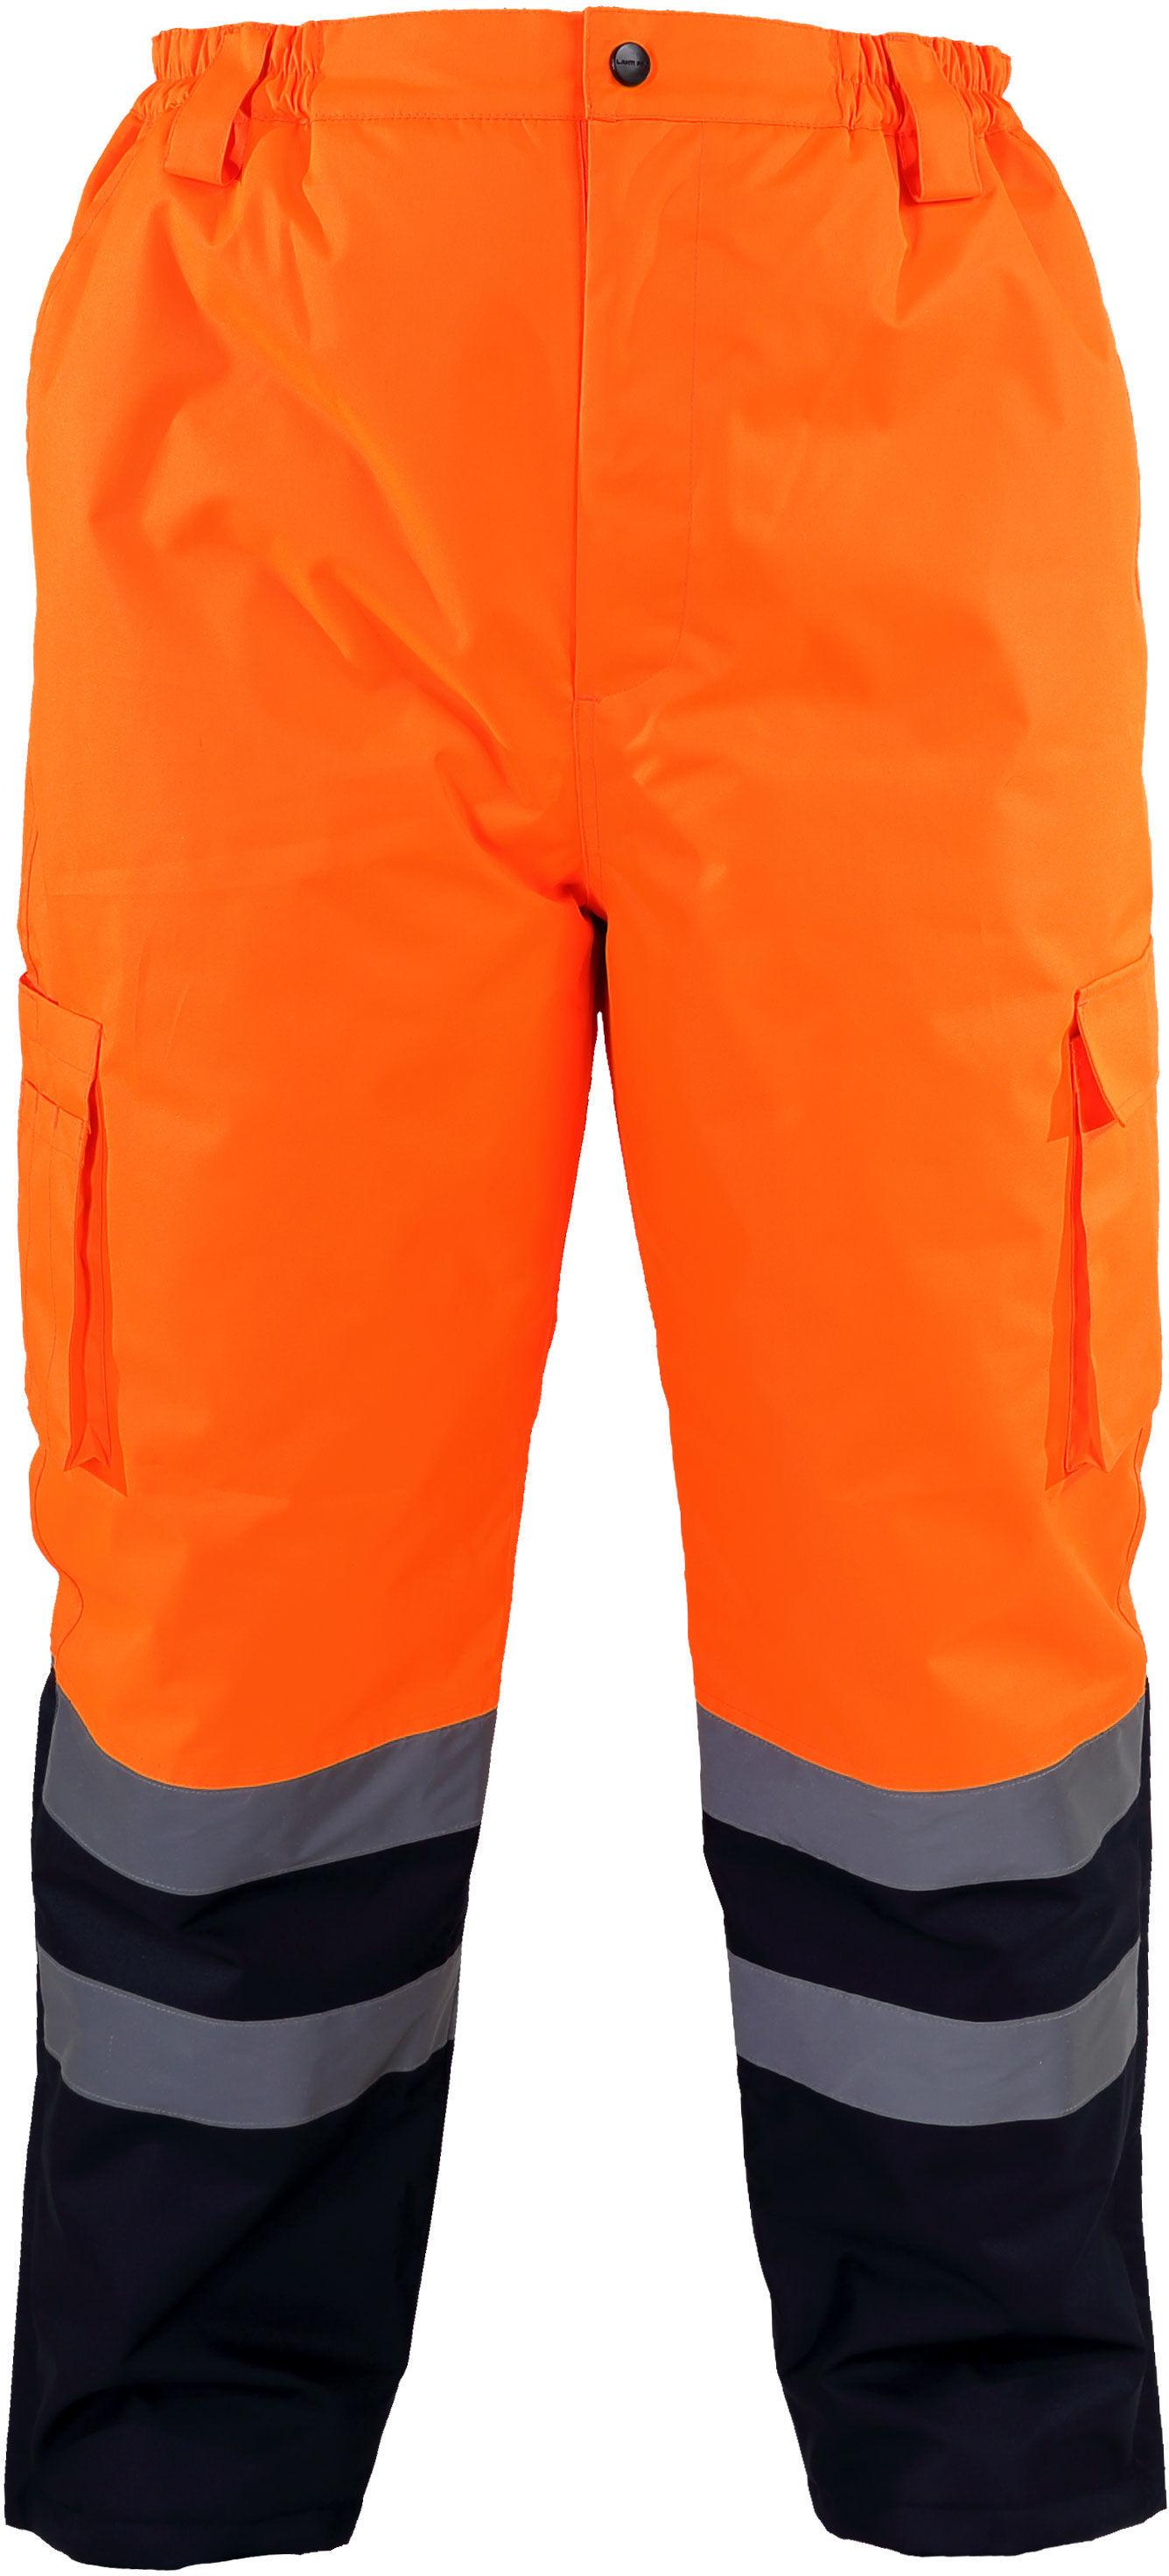 """Spodnie ostrzegawcze ociep., pomarańczowe, """"xl"""", ce, lahti"""